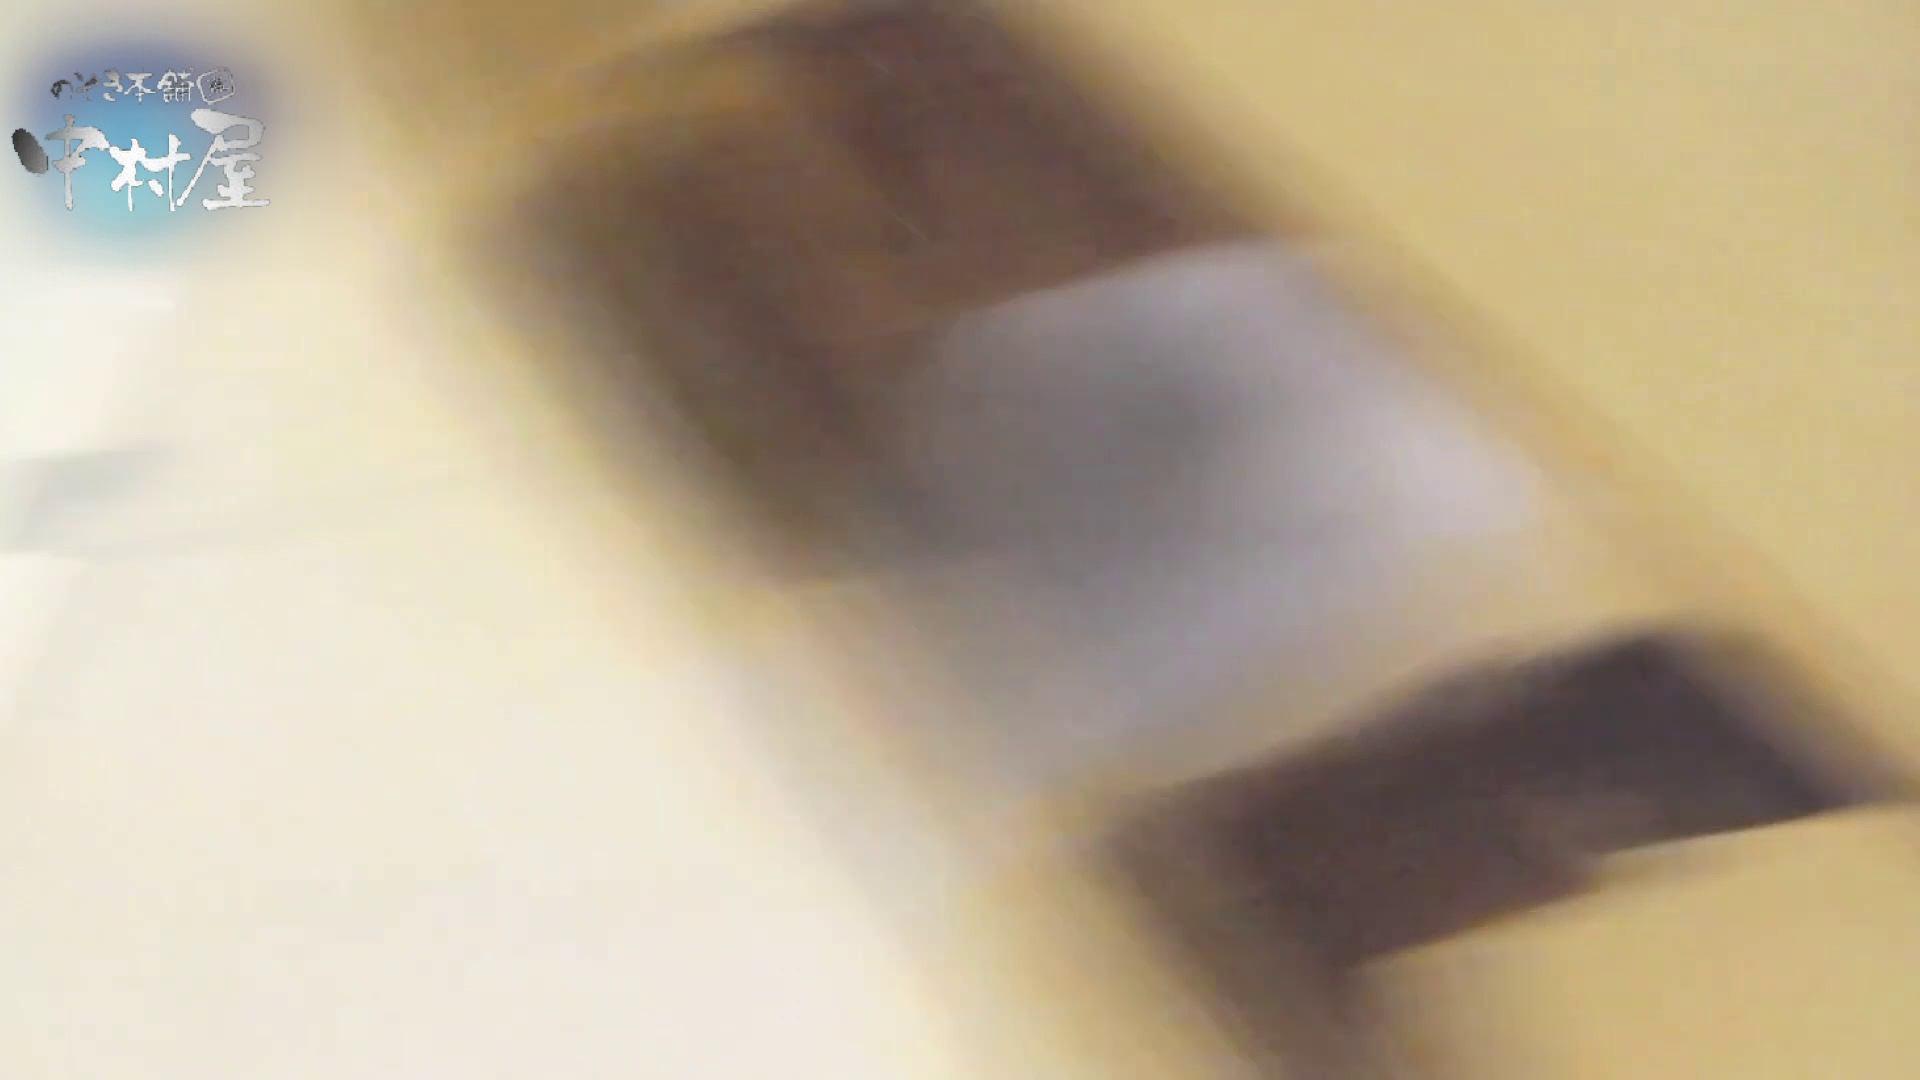 乙女集まる!ショッピングモール潜入撮vol.02 潜入 AV動画キャプチャ 102PIX 37